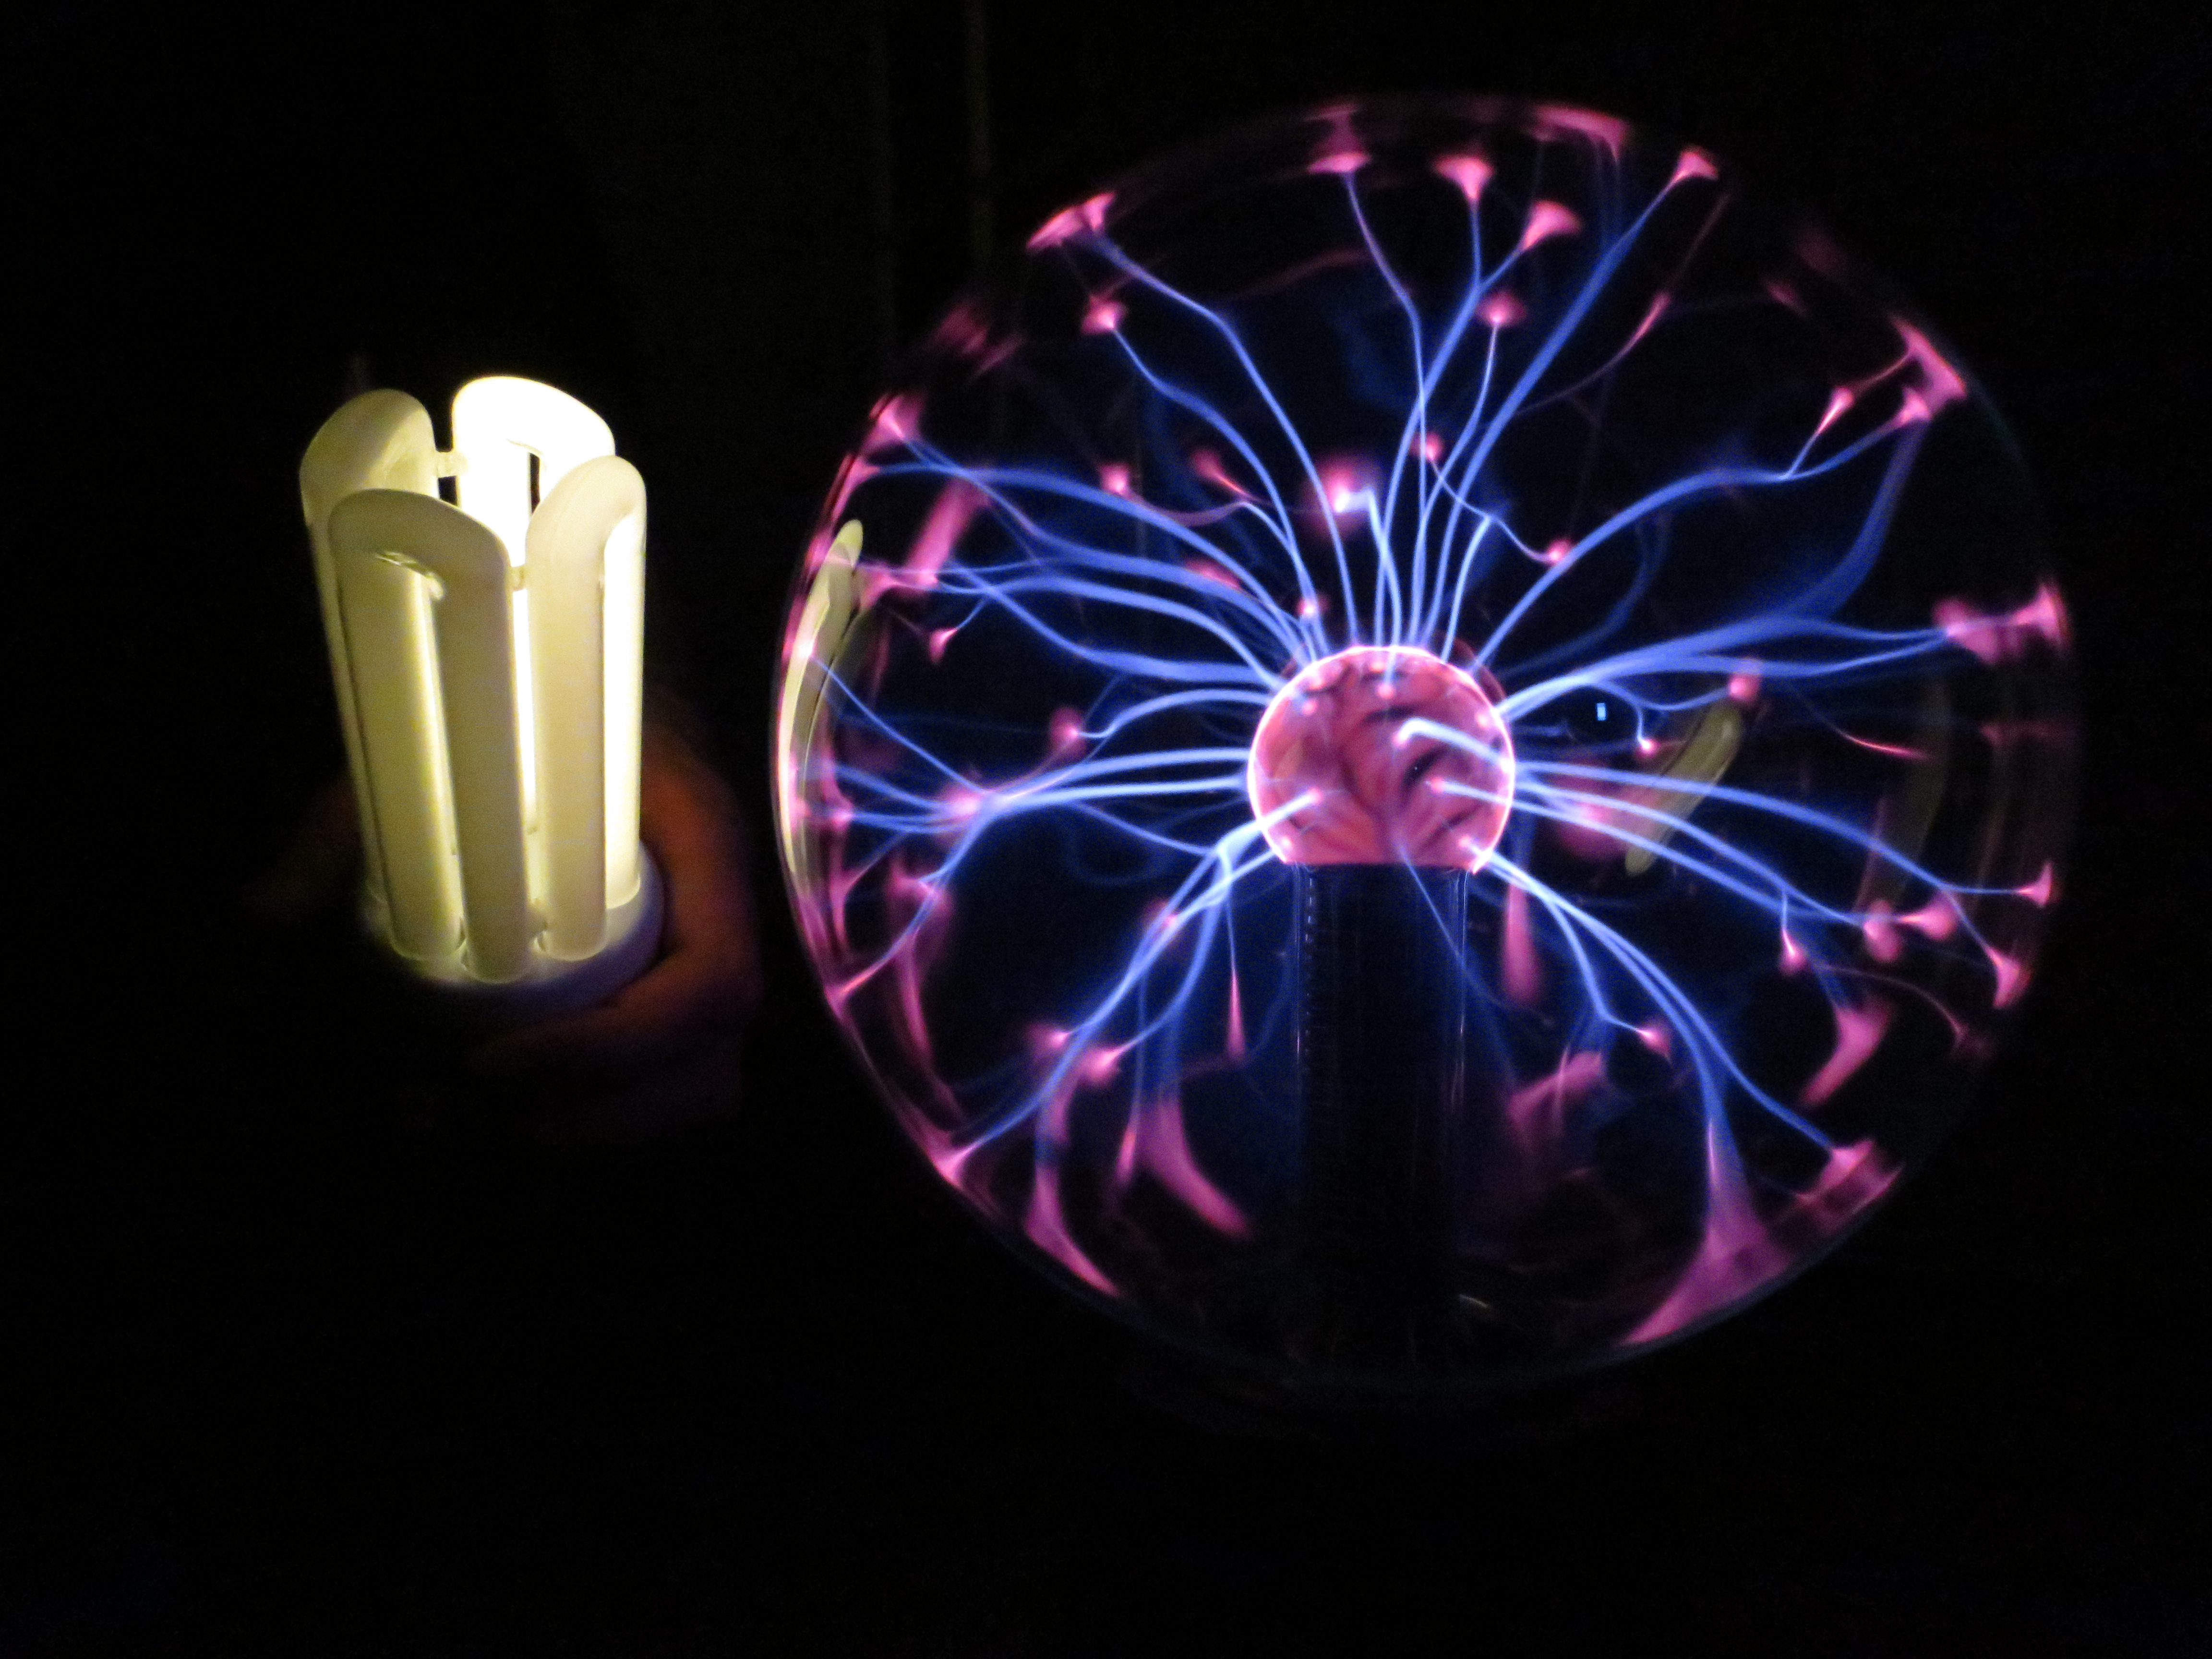 Plasma ball fun3